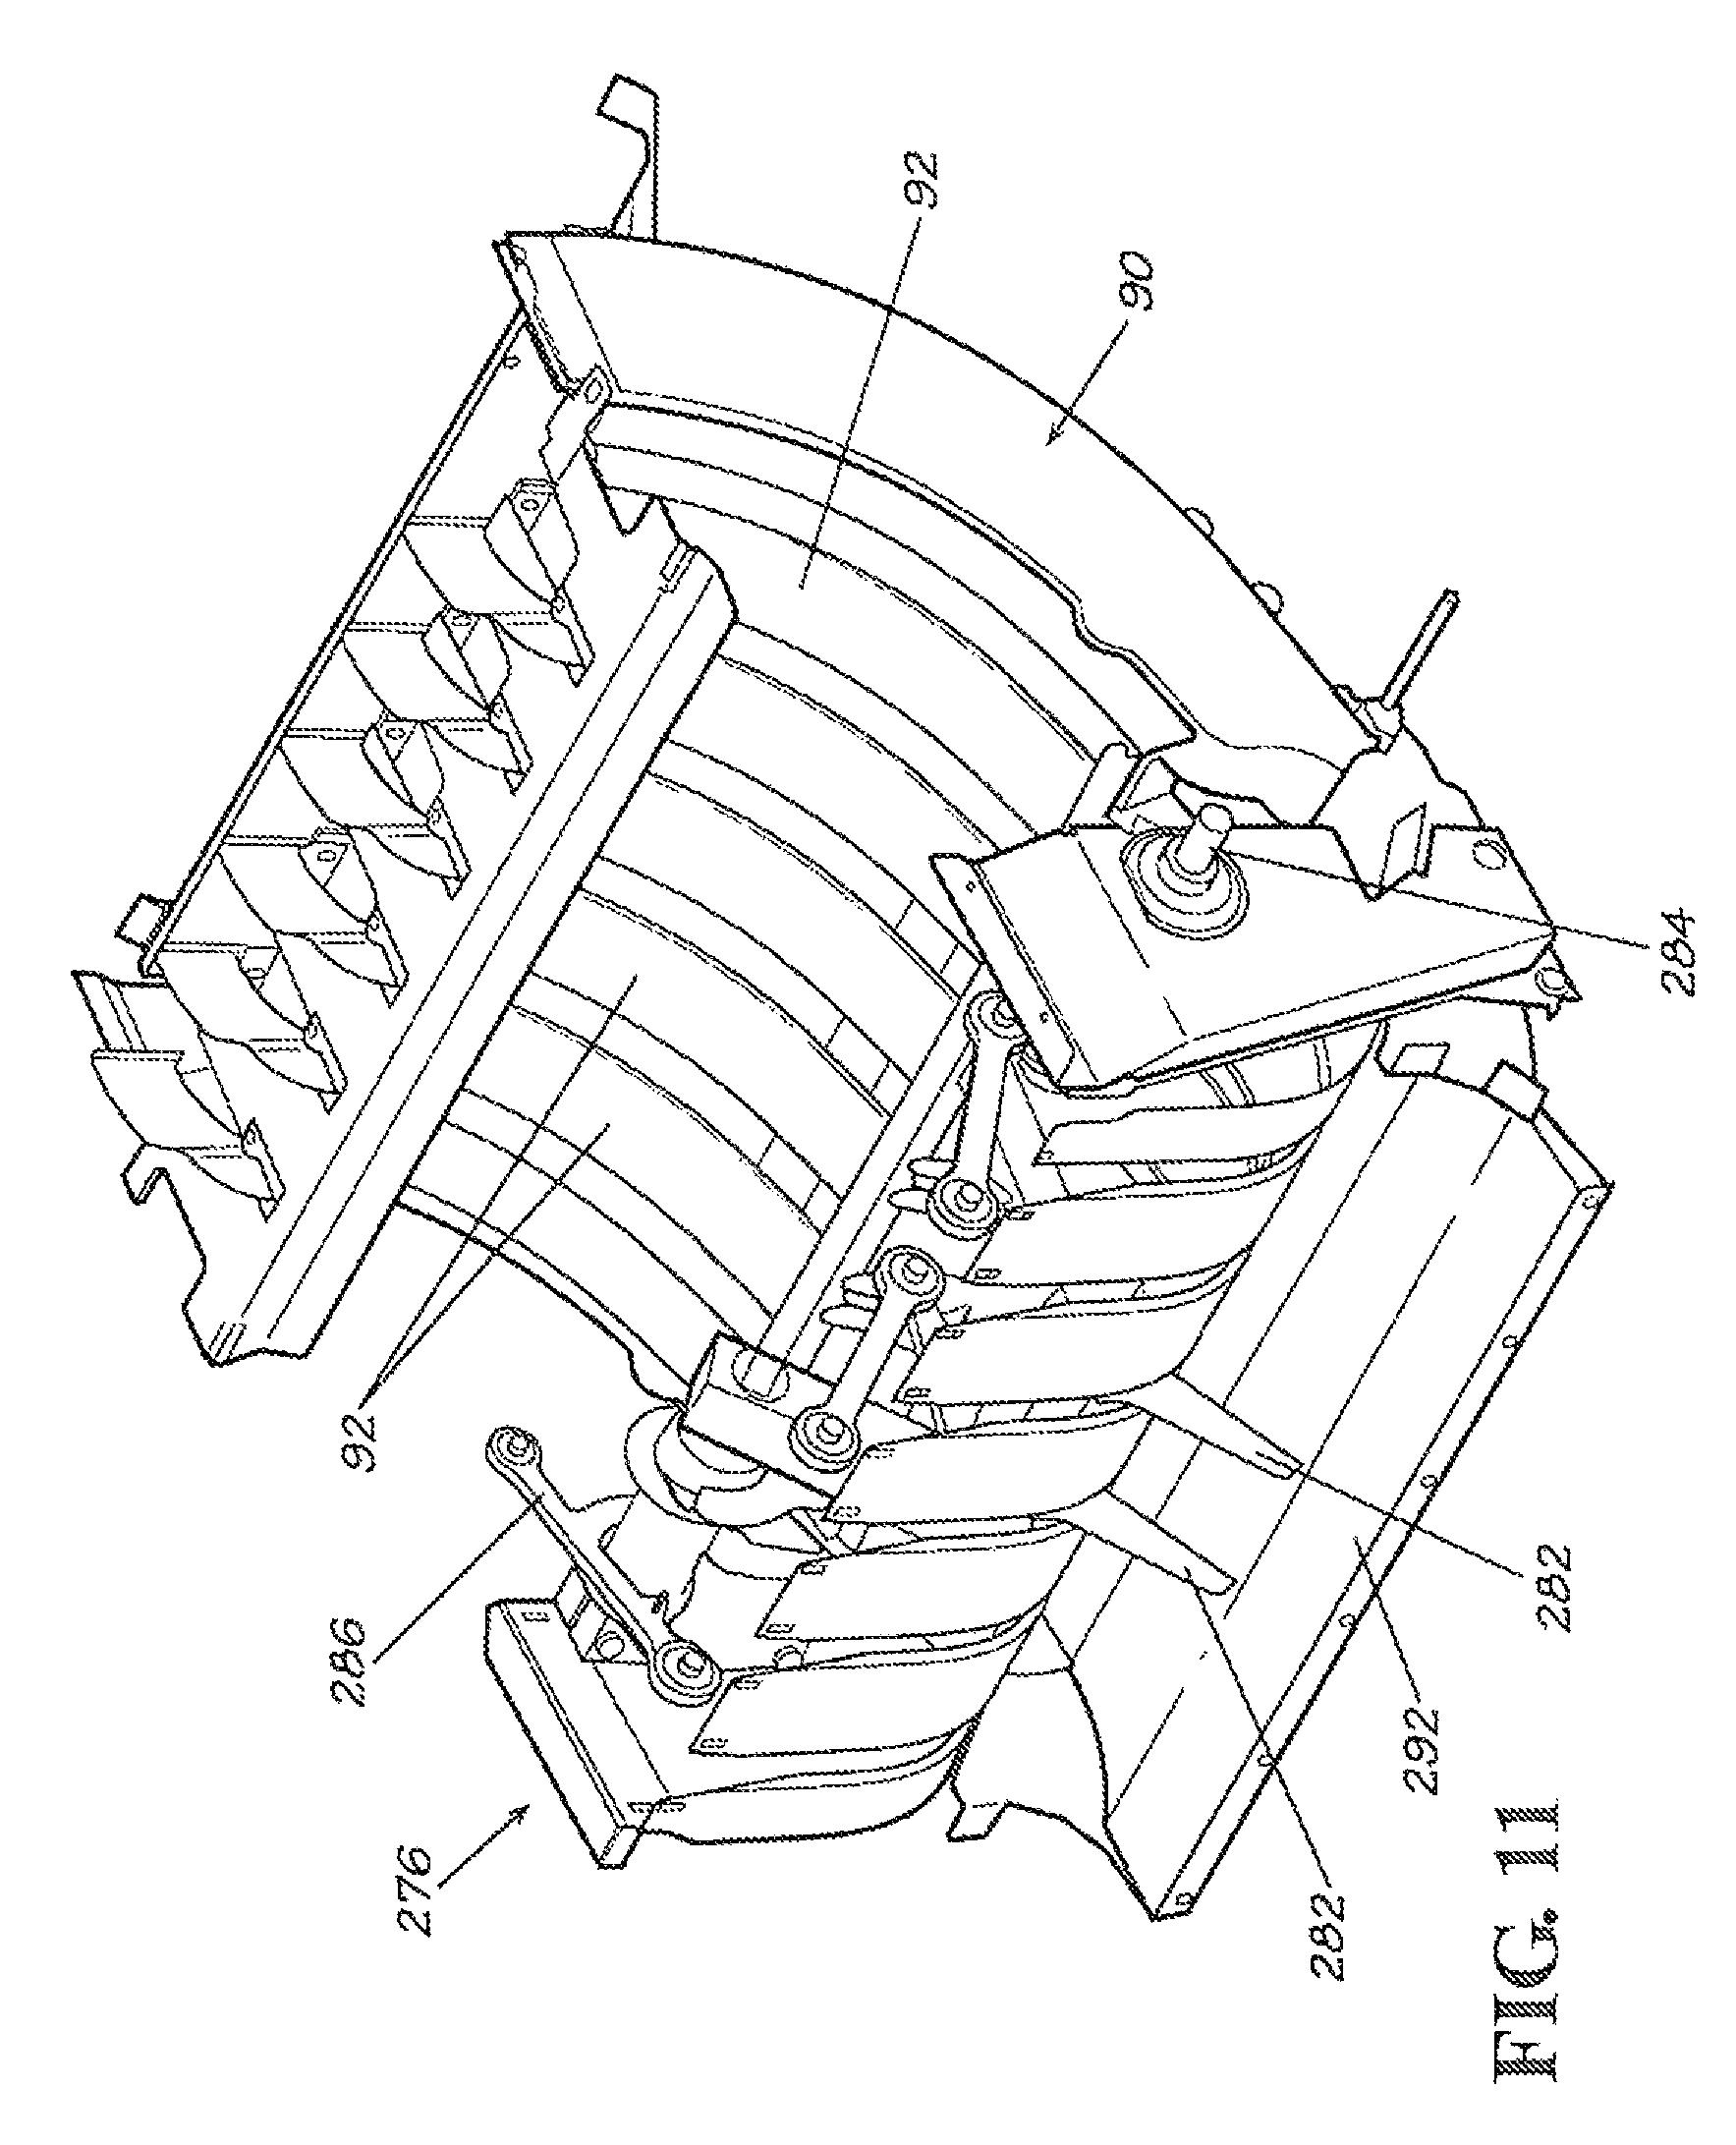 Craftsman 5600 Generator Part Diagram, Craftsman, Get Free